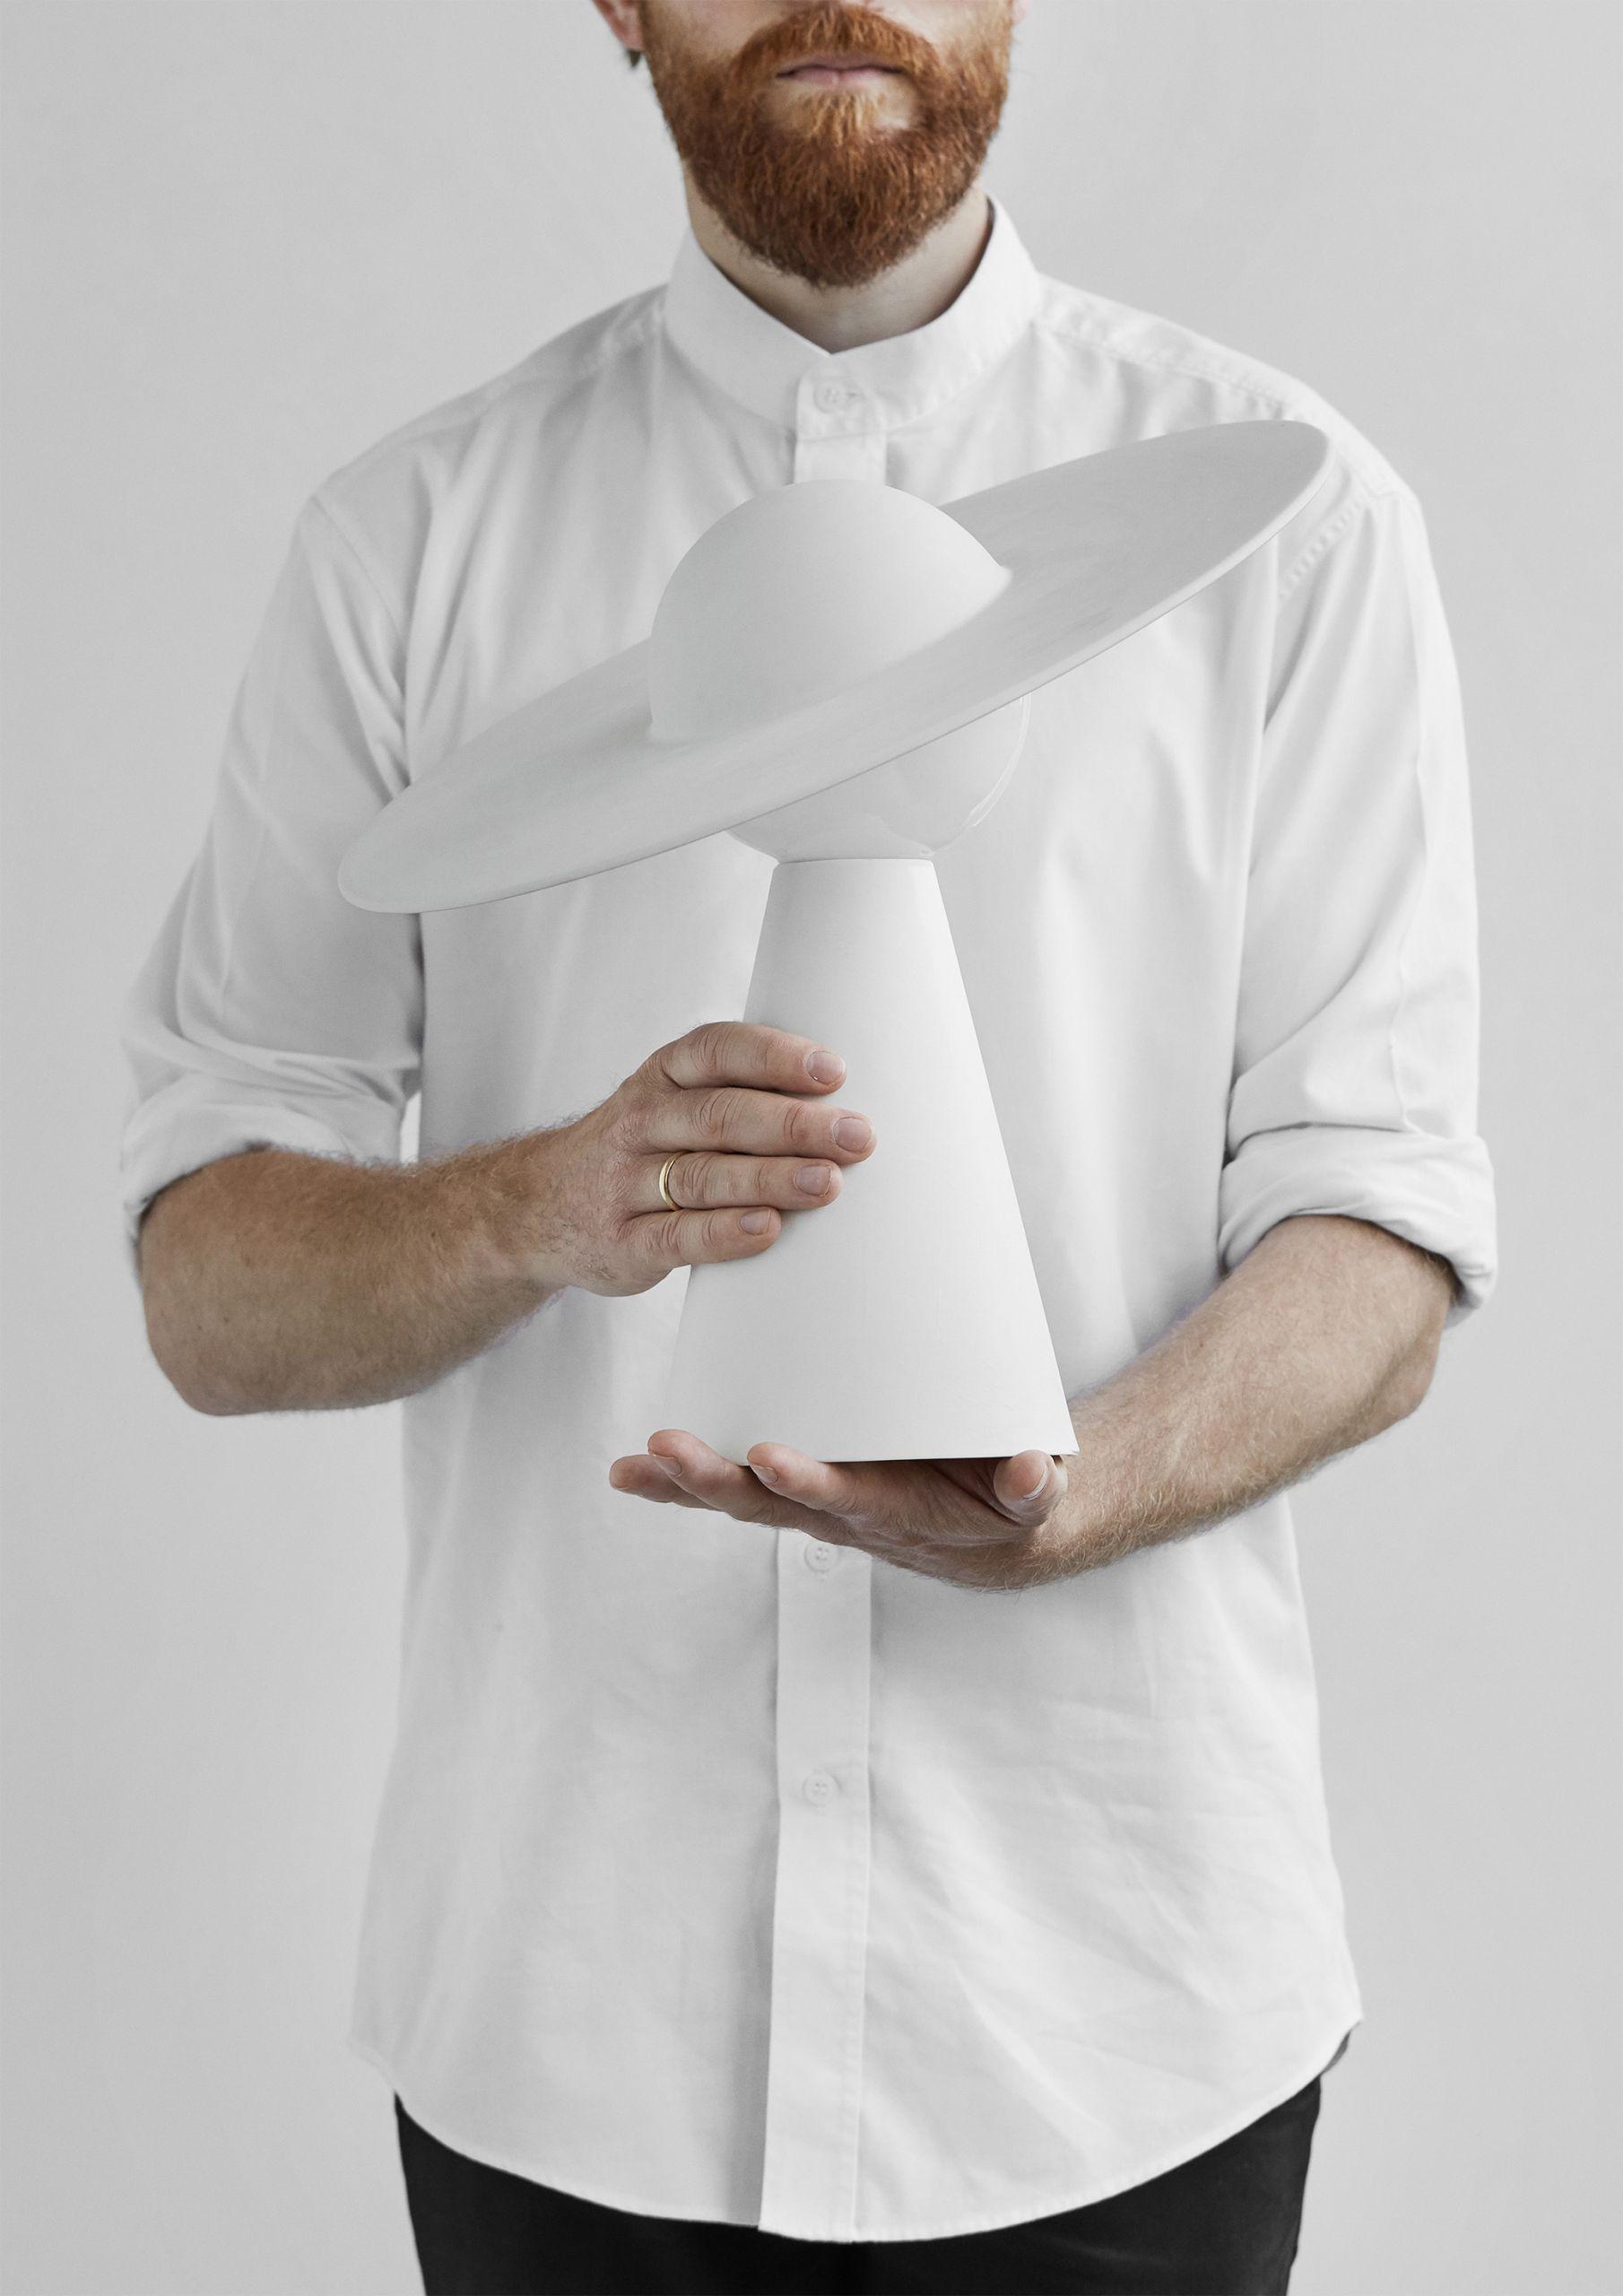 Moebe Caramic Table Lamp